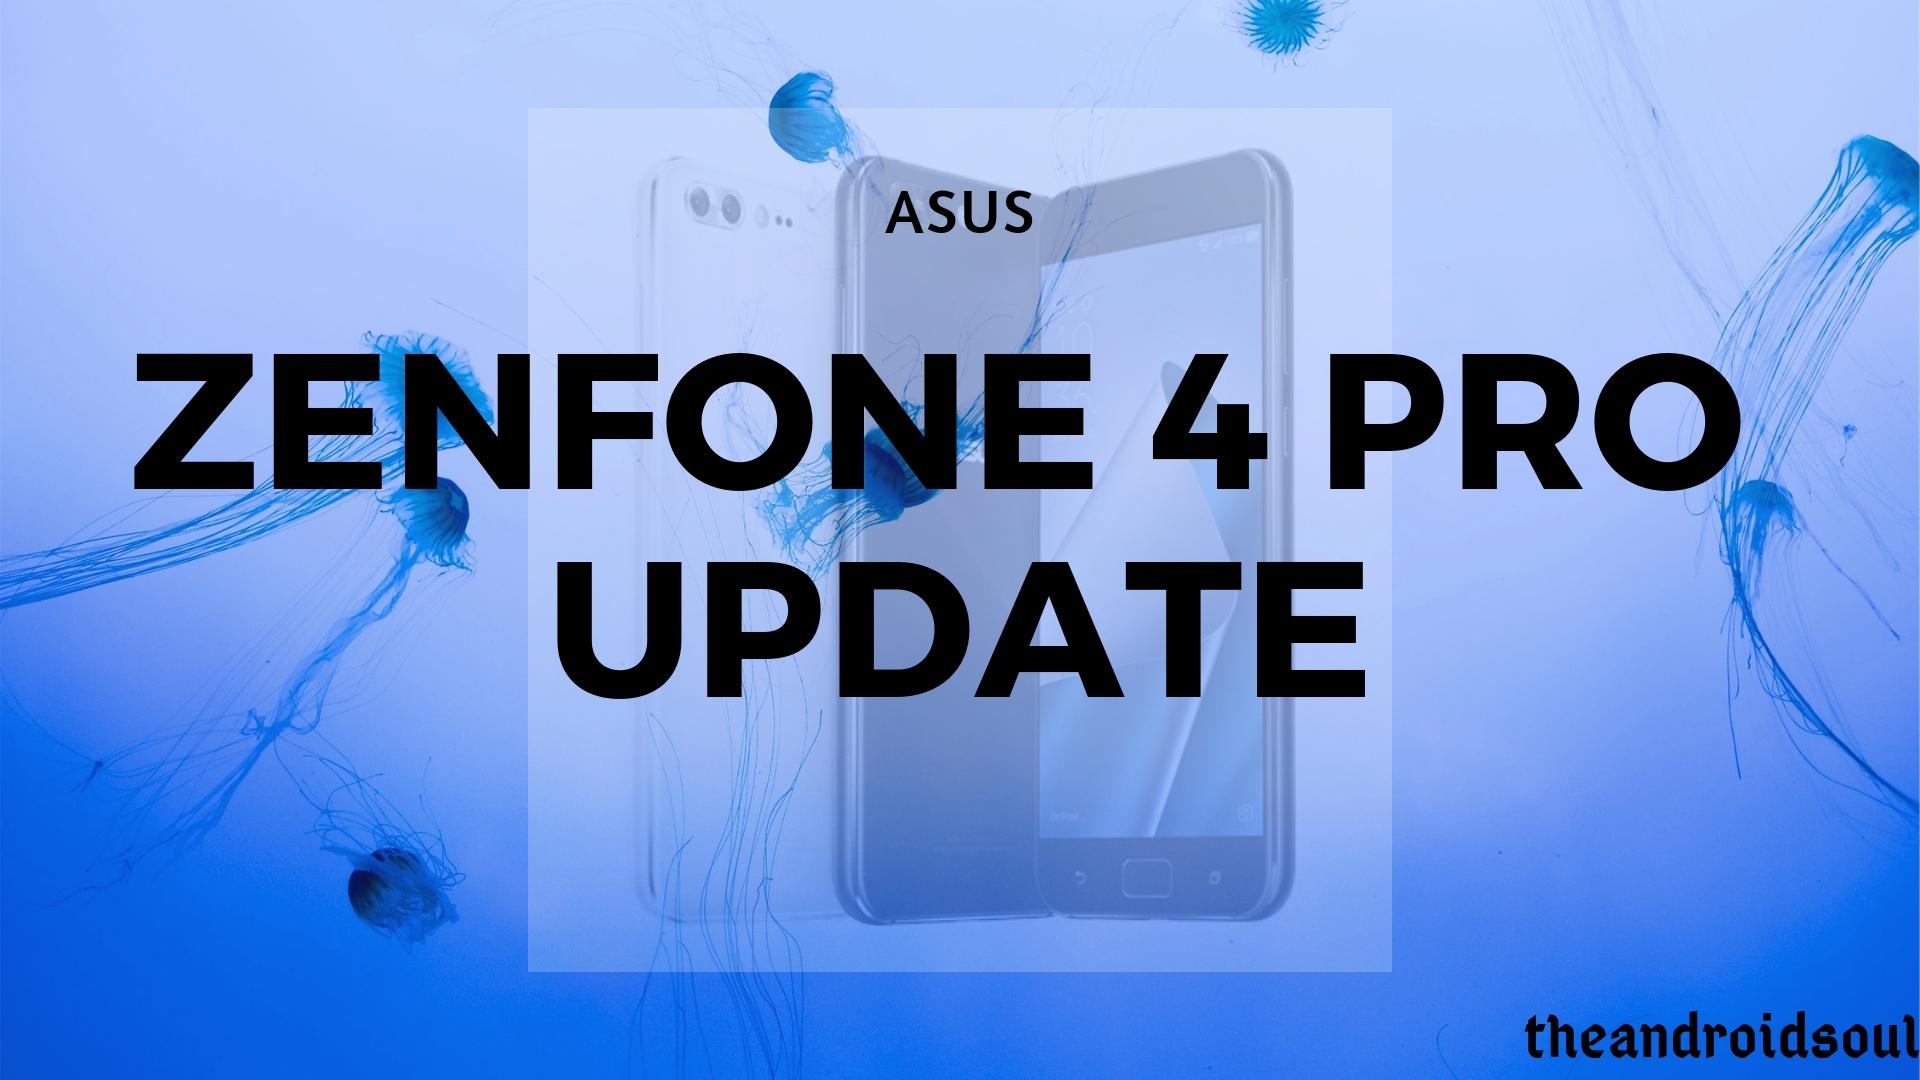 Asus ZenFone 4 Pro update